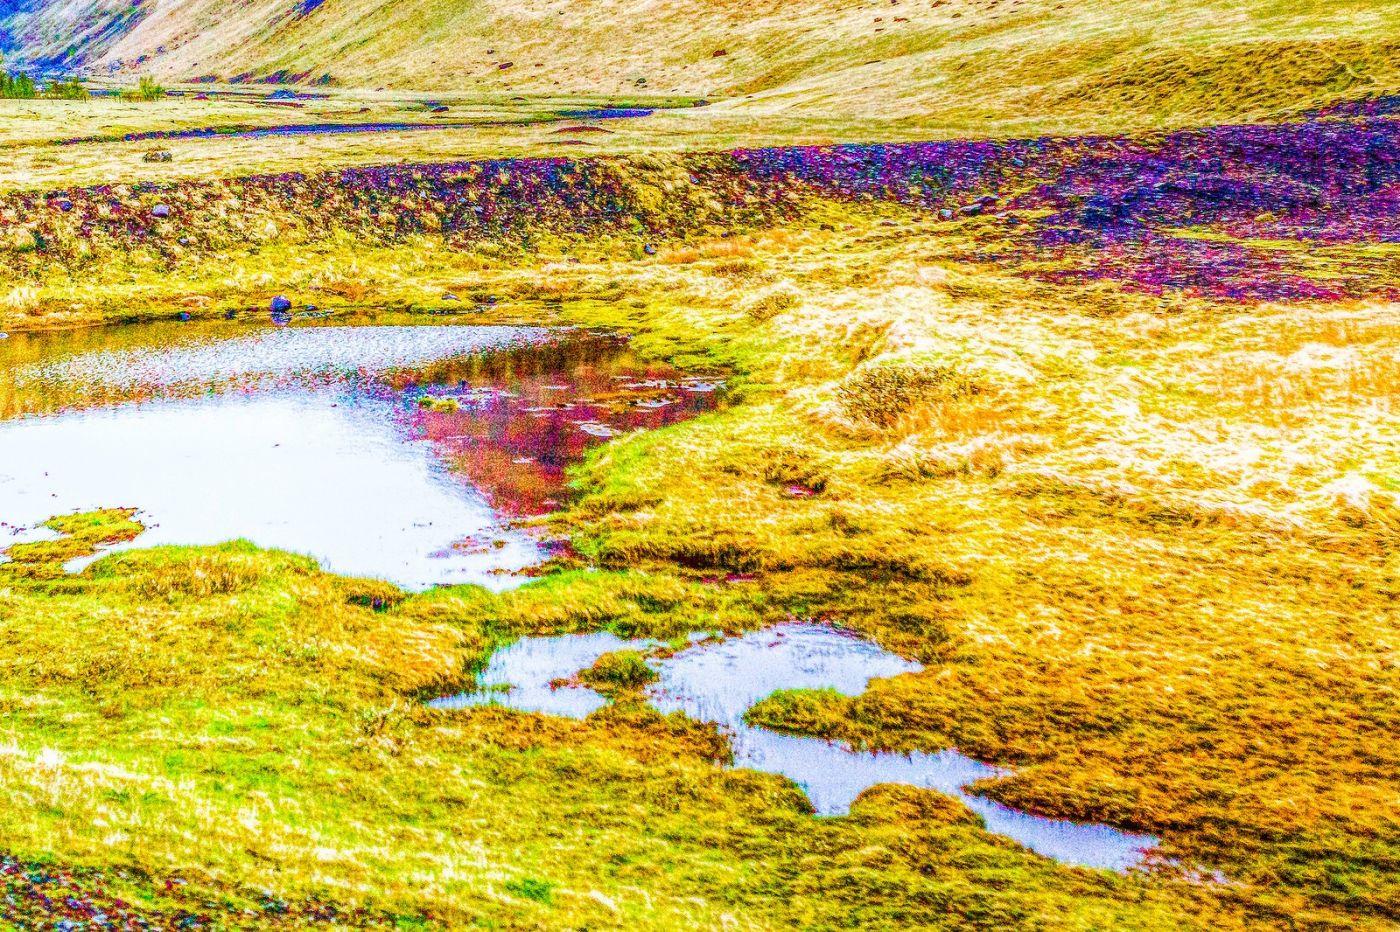 冰岛风采,延伸视野_图1-18